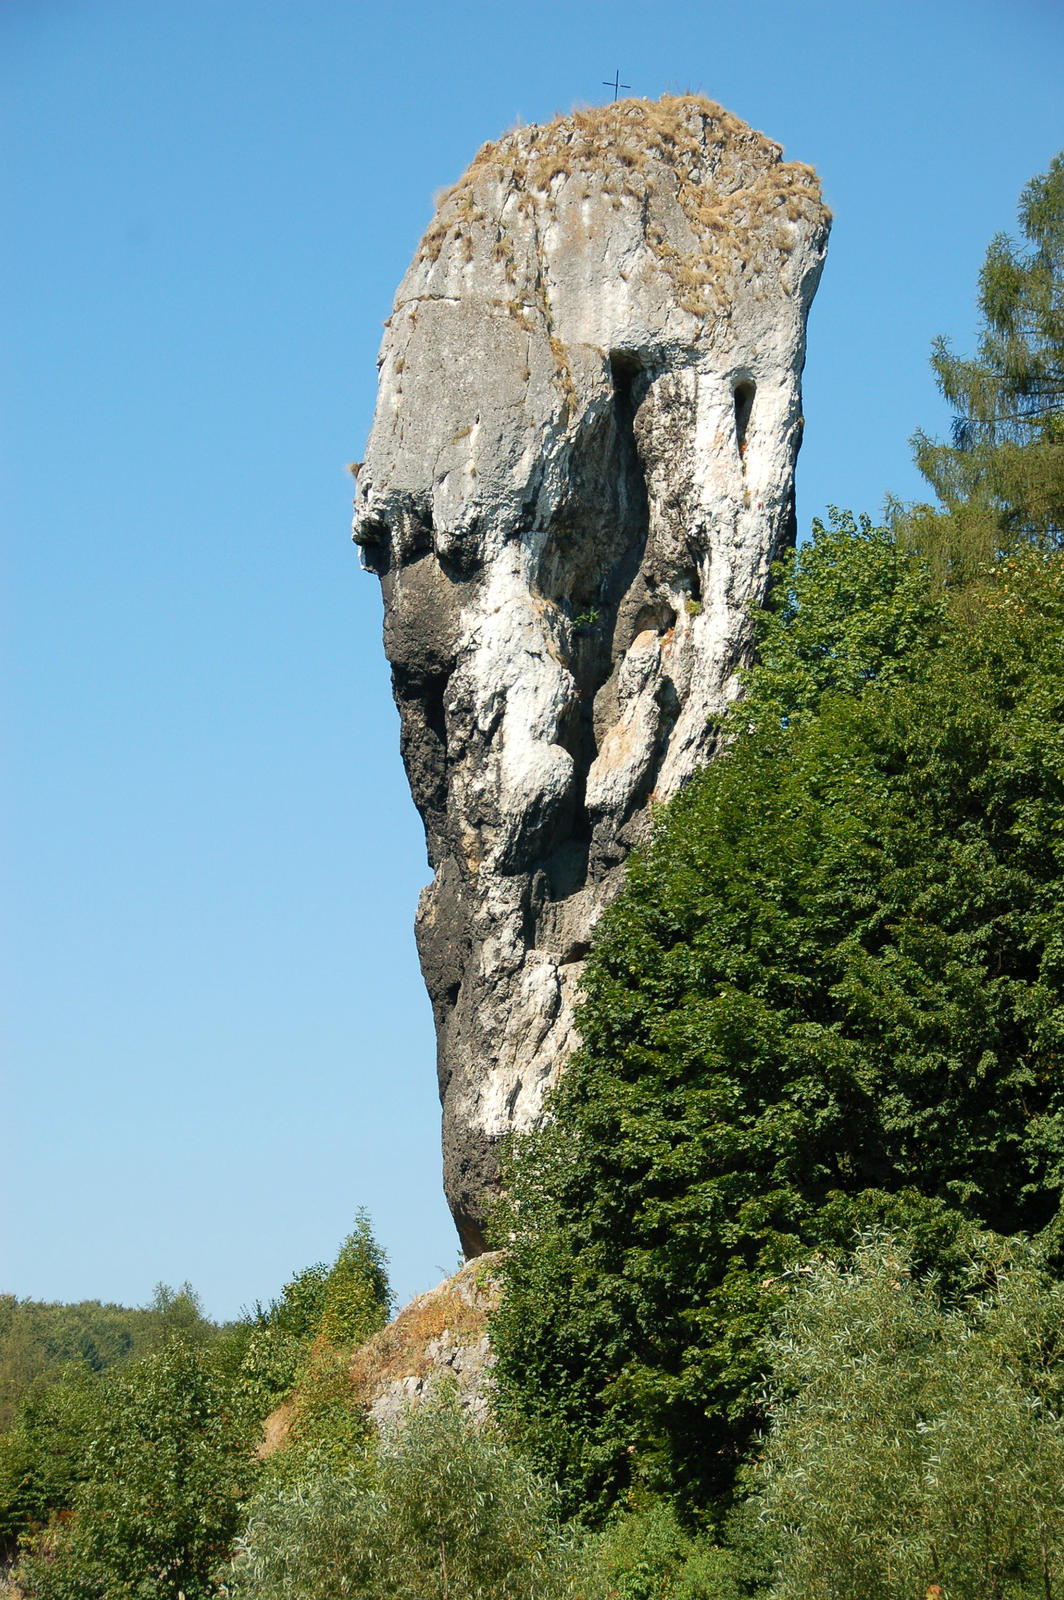 Fotografia przedstawia jasną pionową skałę wotoczeniu drzew. Jest to Maczuga Herkulesa wOjcowskim parku Narodowym.